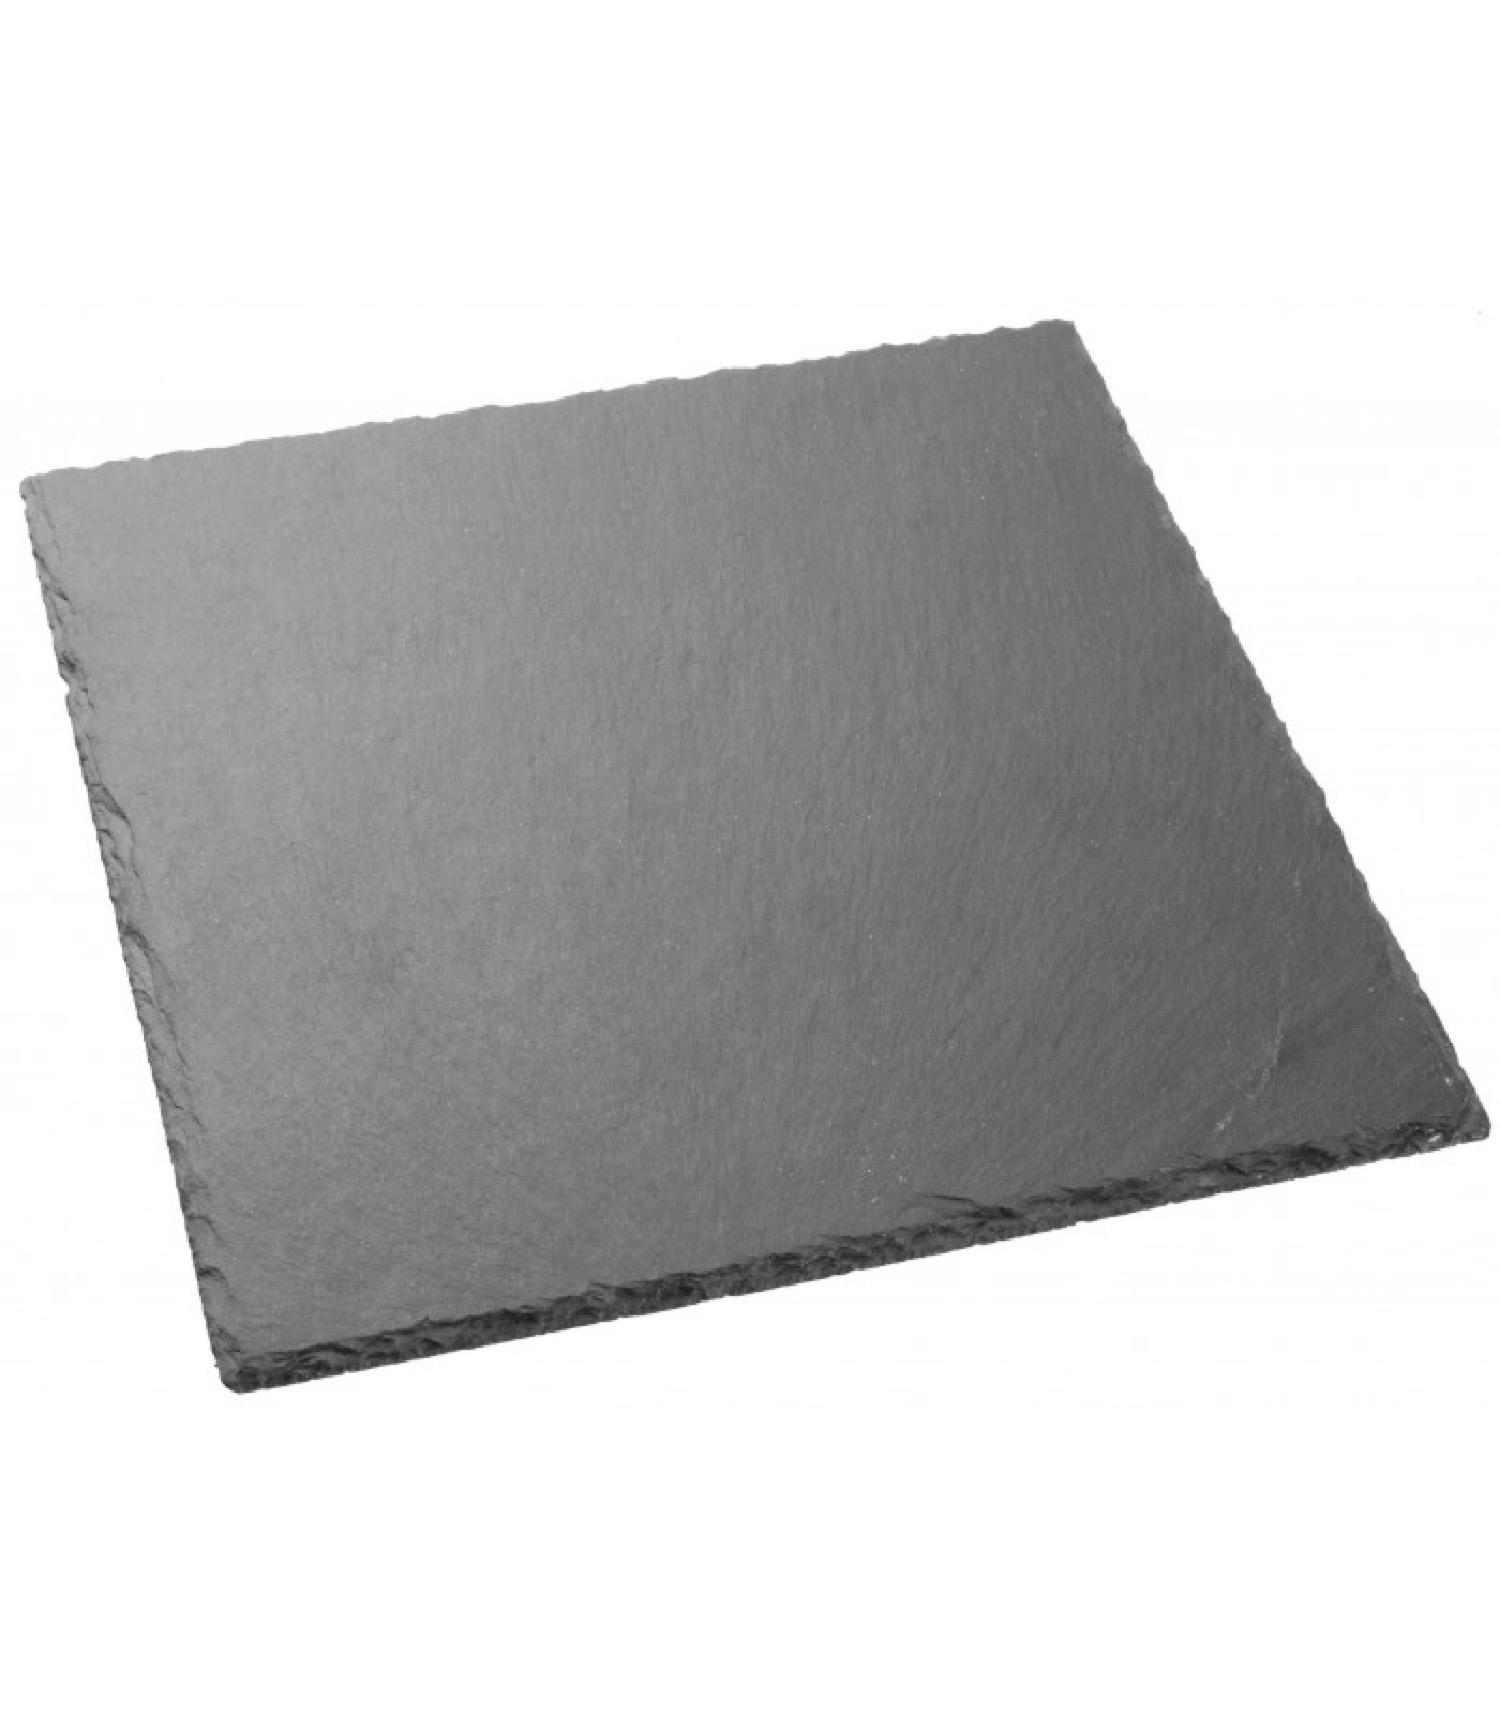 Assiette en ardoise carrée 30x30cm